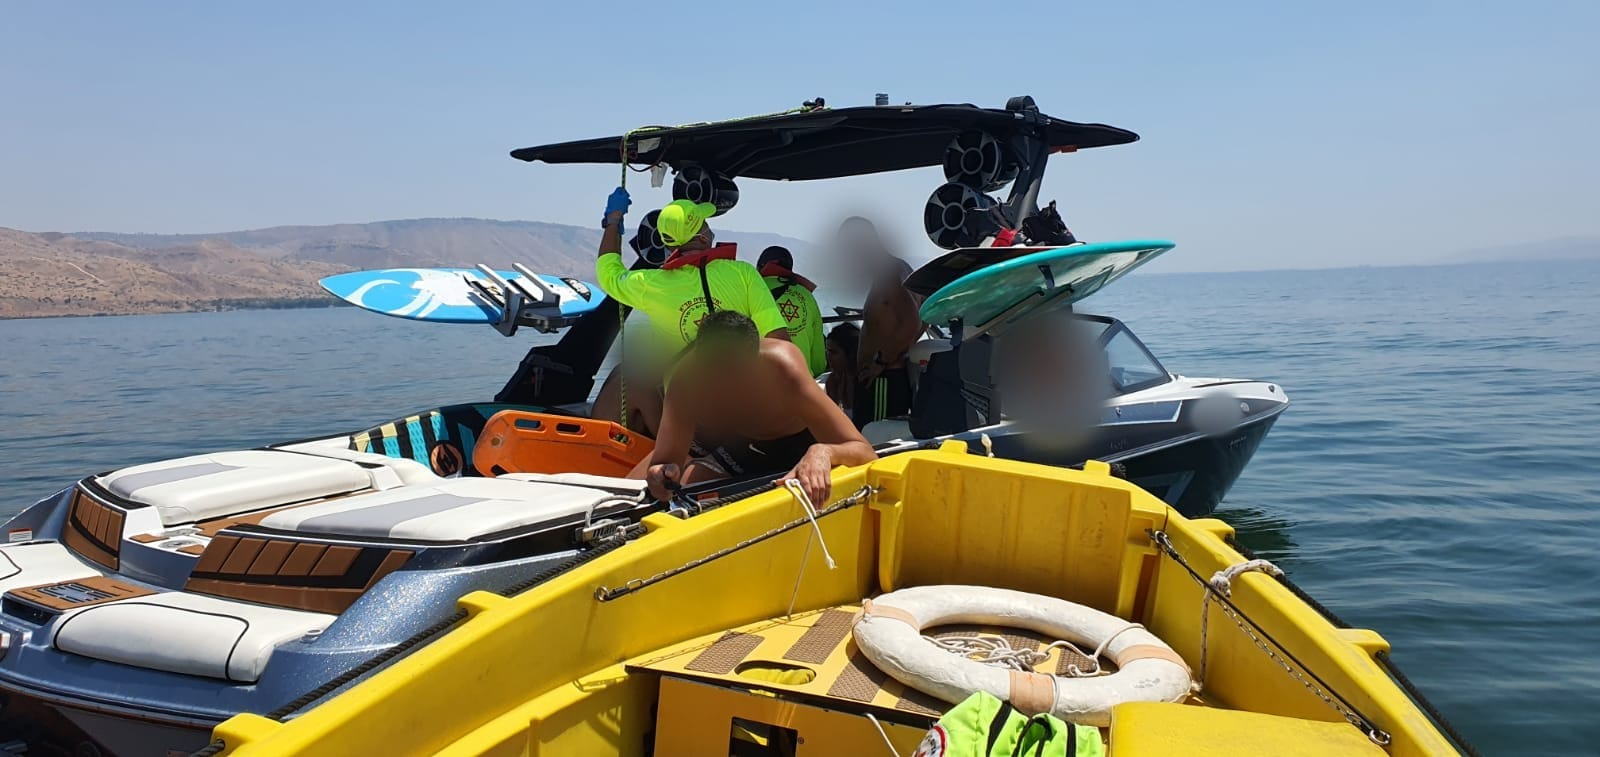 גבר בן 41 נפל מסירה ונחבל בגבו סמוך לחוף צאלון בכנרת